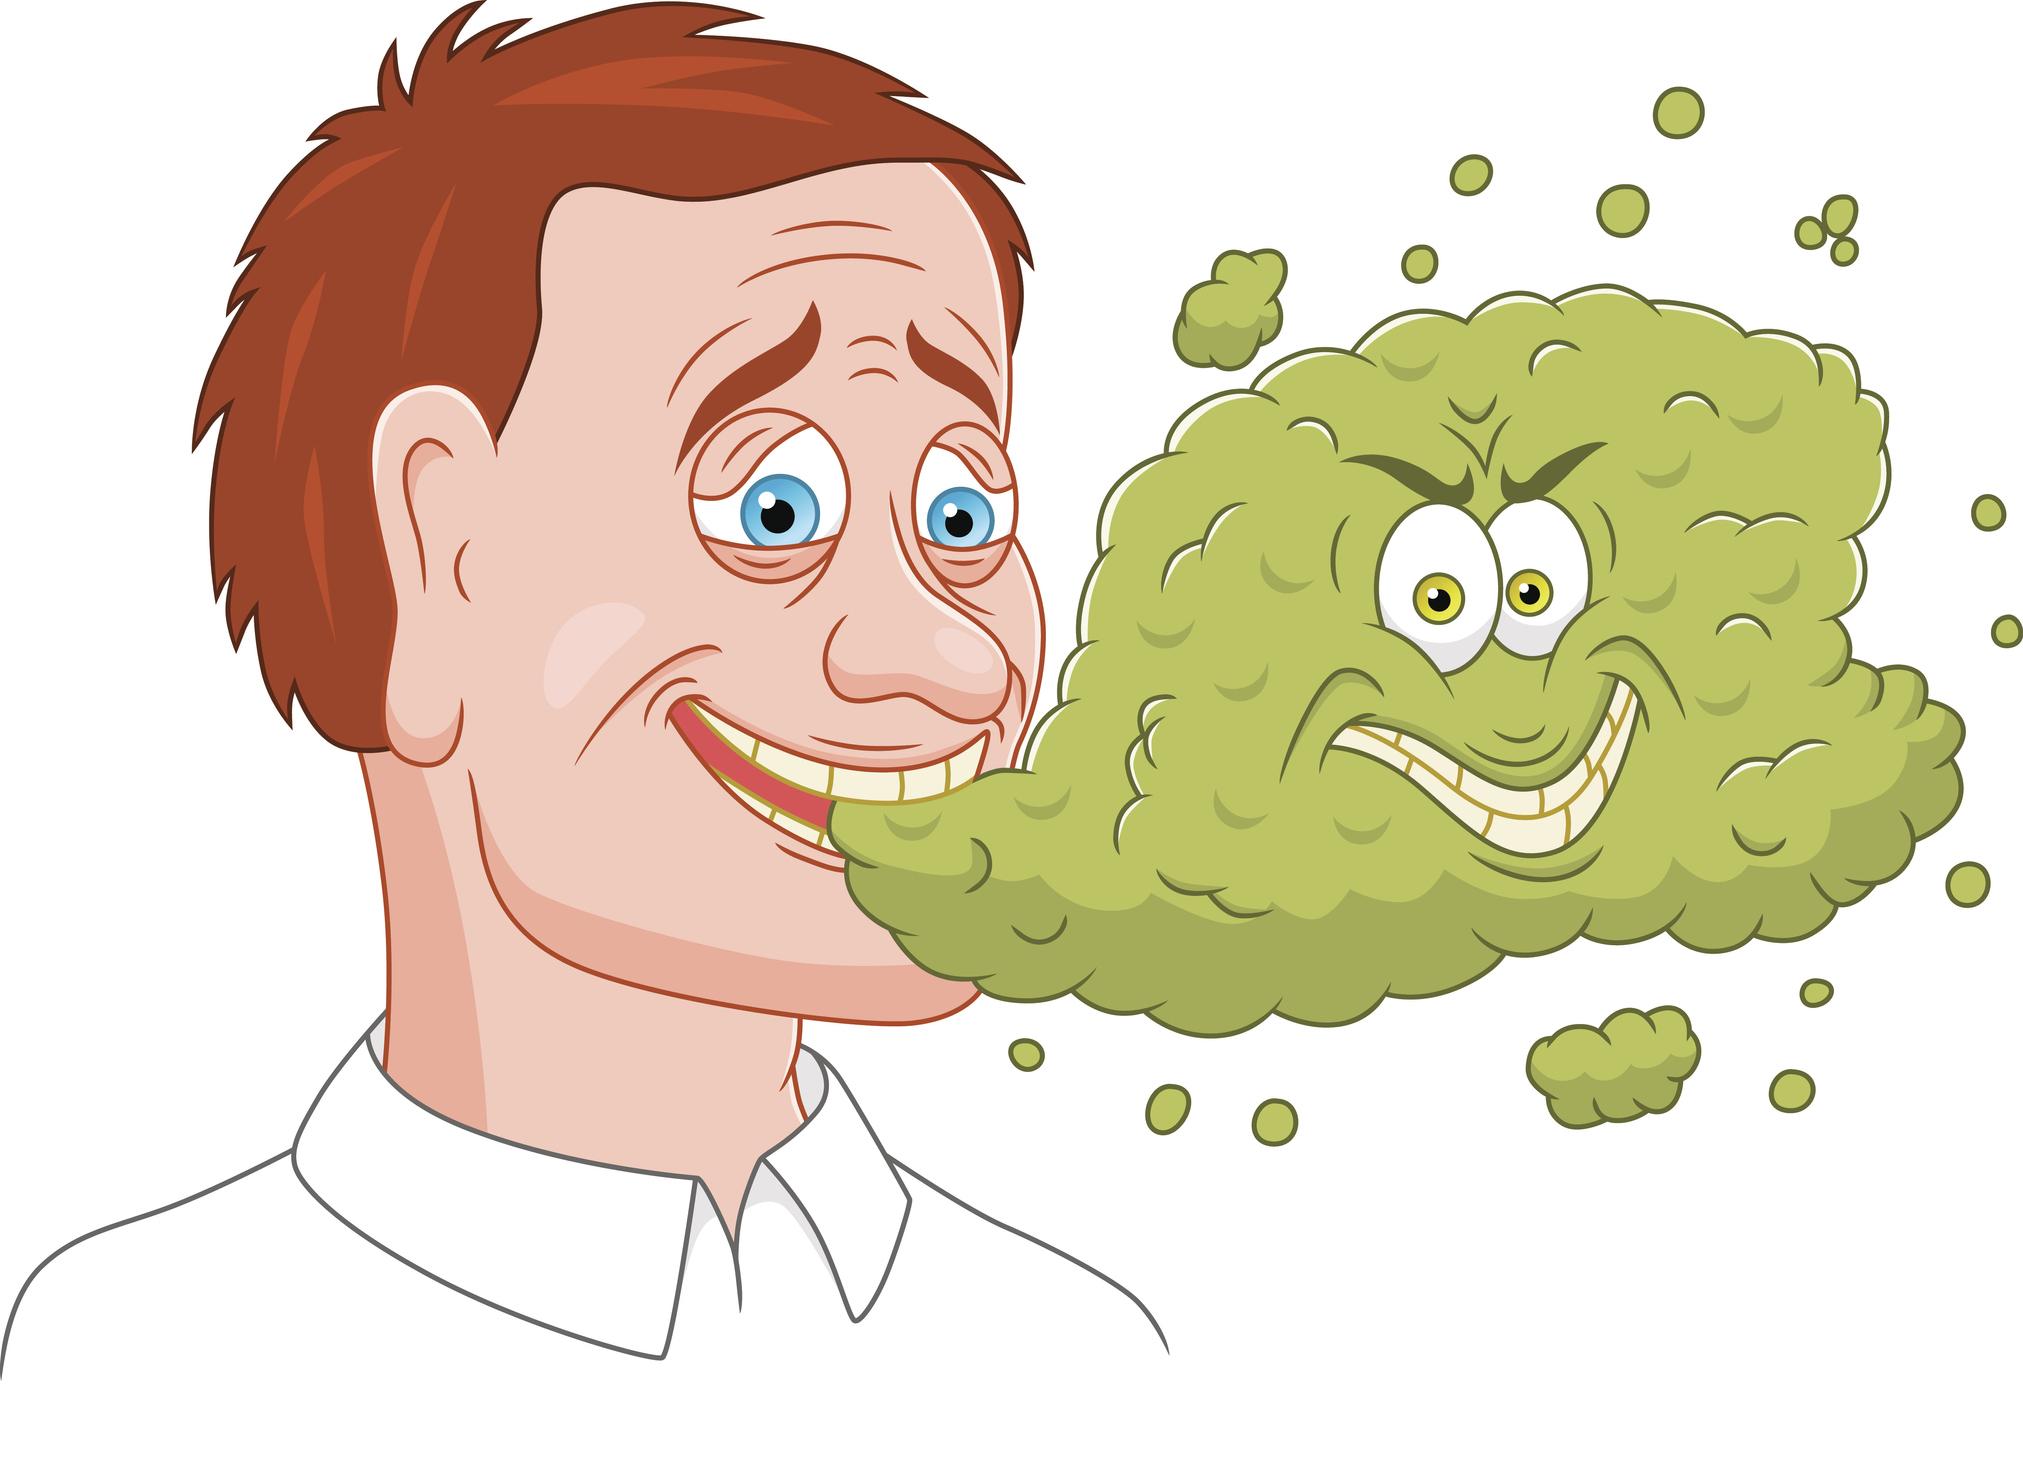 sűrű kutikula körömféregben rossz lehelet, mit kell tenni, hogyan kell kezelni